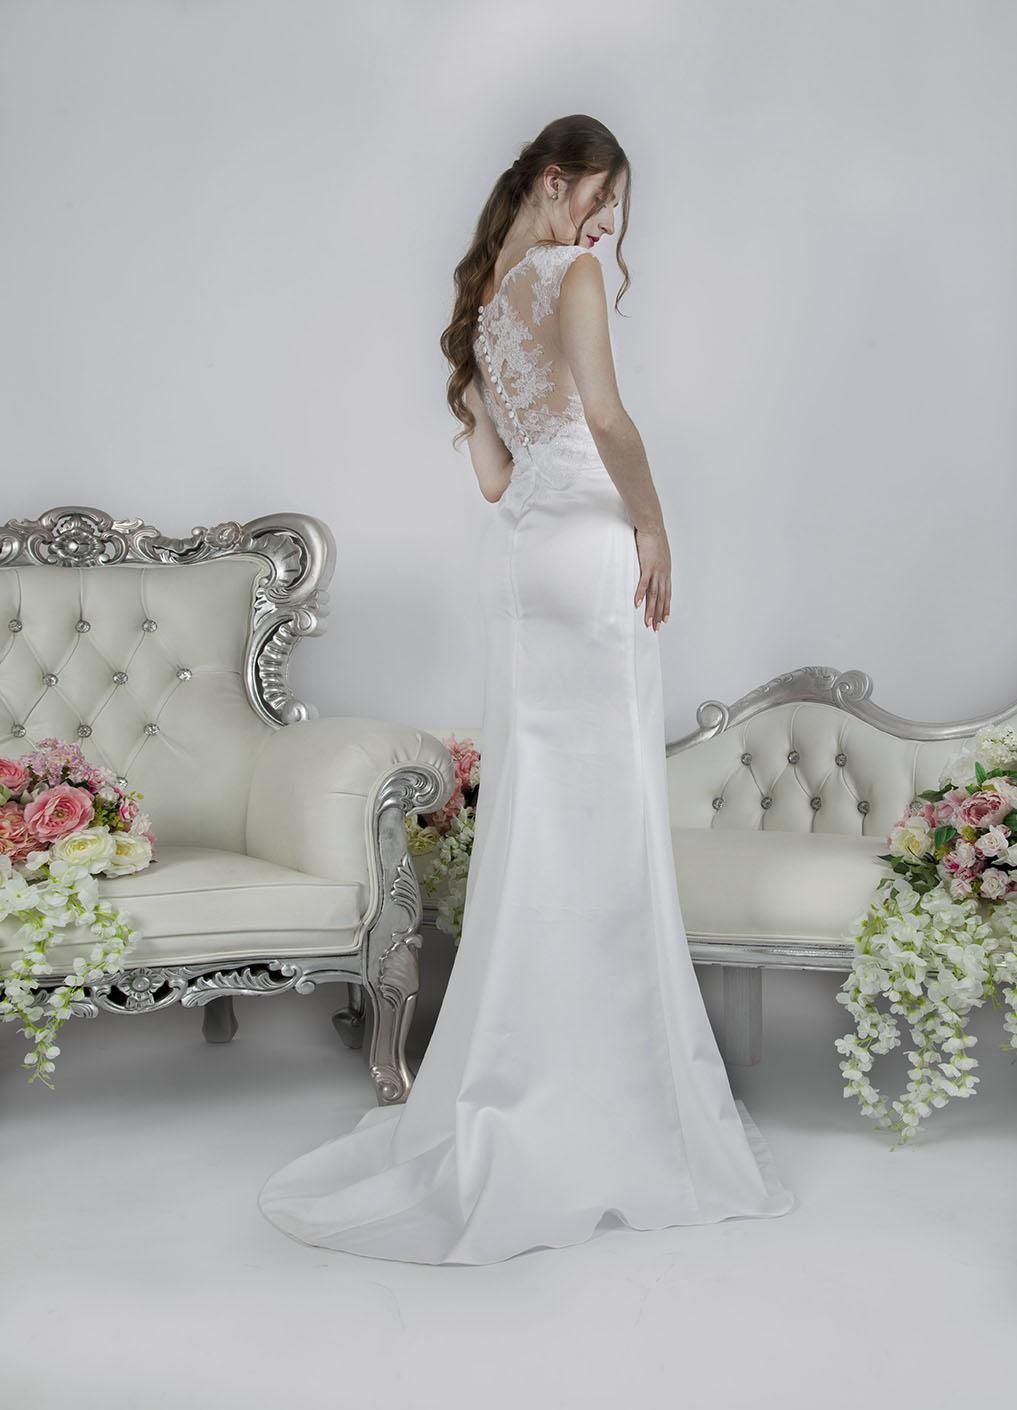 Svatební šaty s holými zády a krajkou